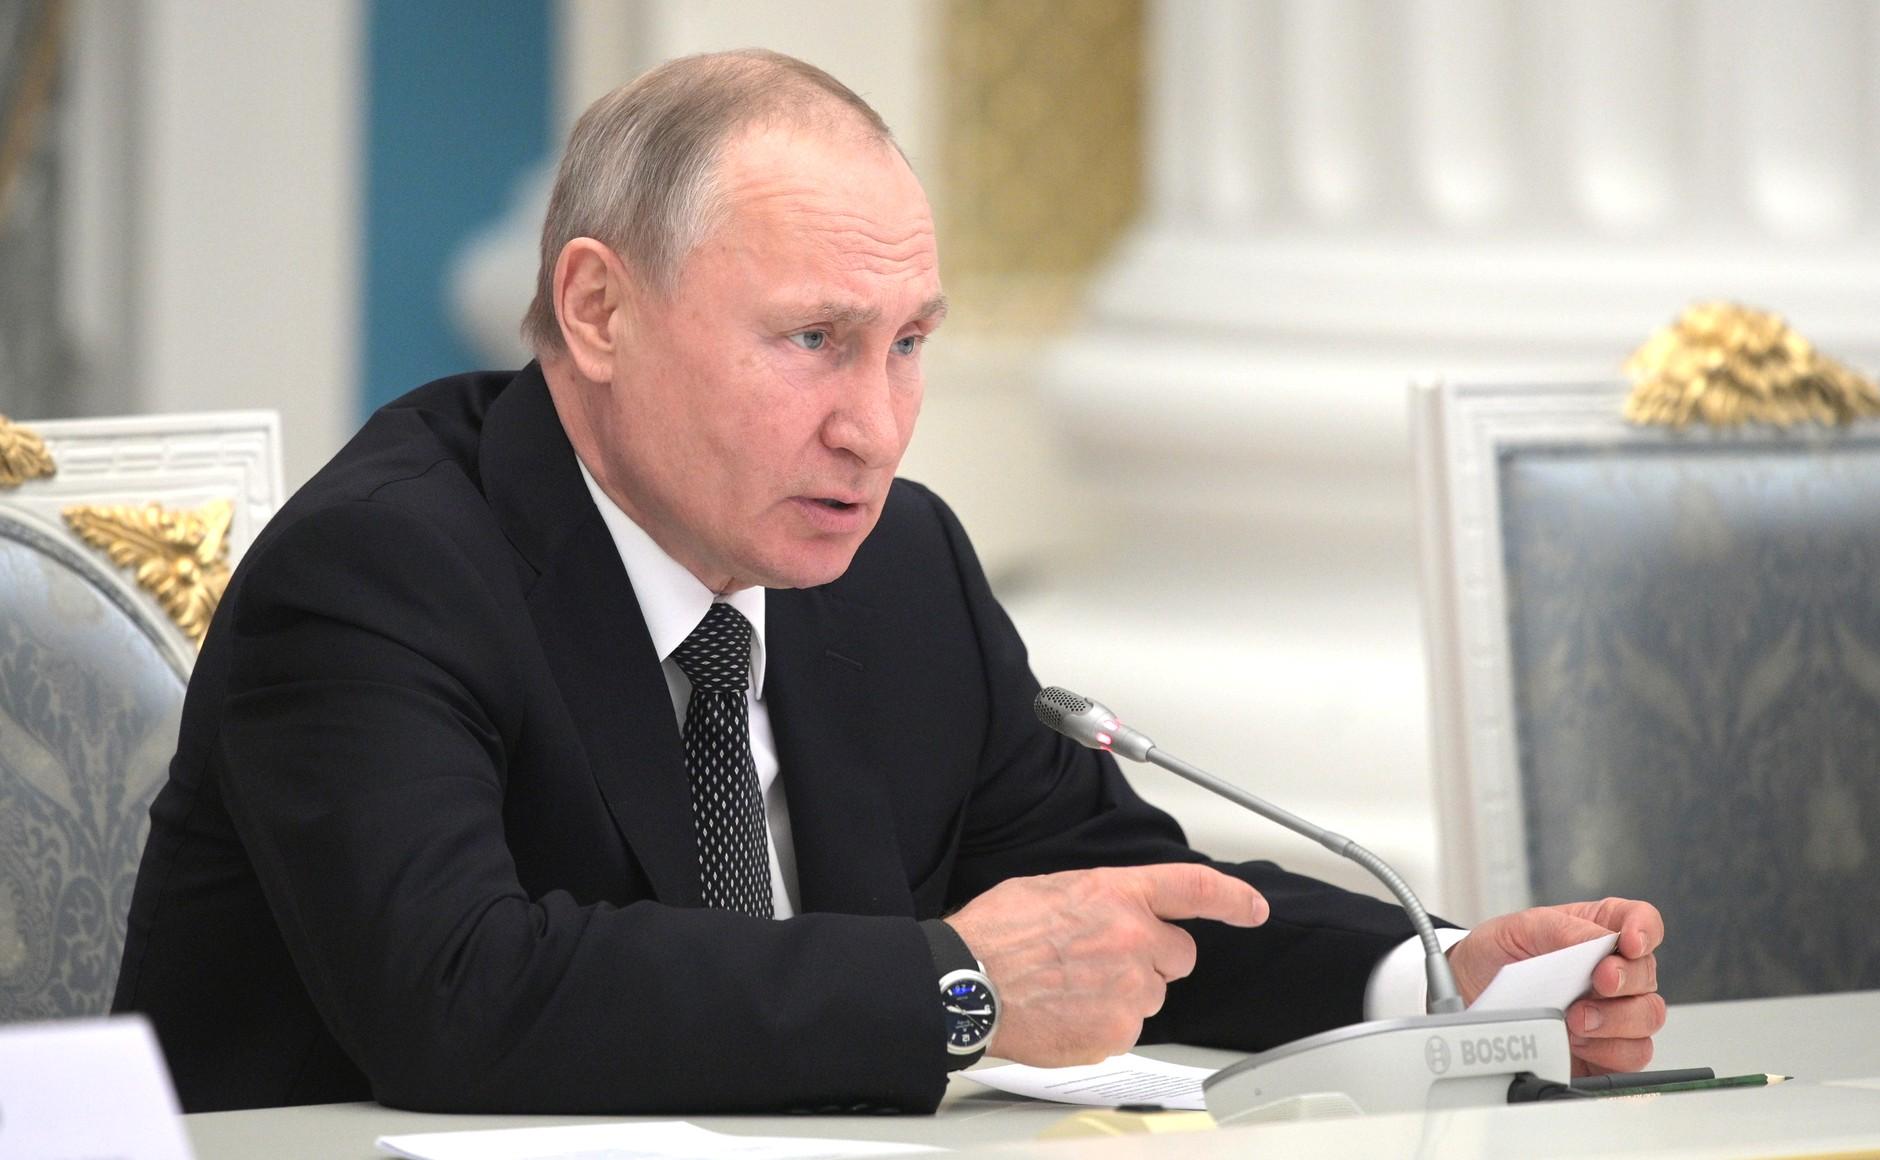 Владимир Путин на встрече с рабочей группой по подготовке предложений о внесении поправок в Конституцию. Фото: kremlin.ru